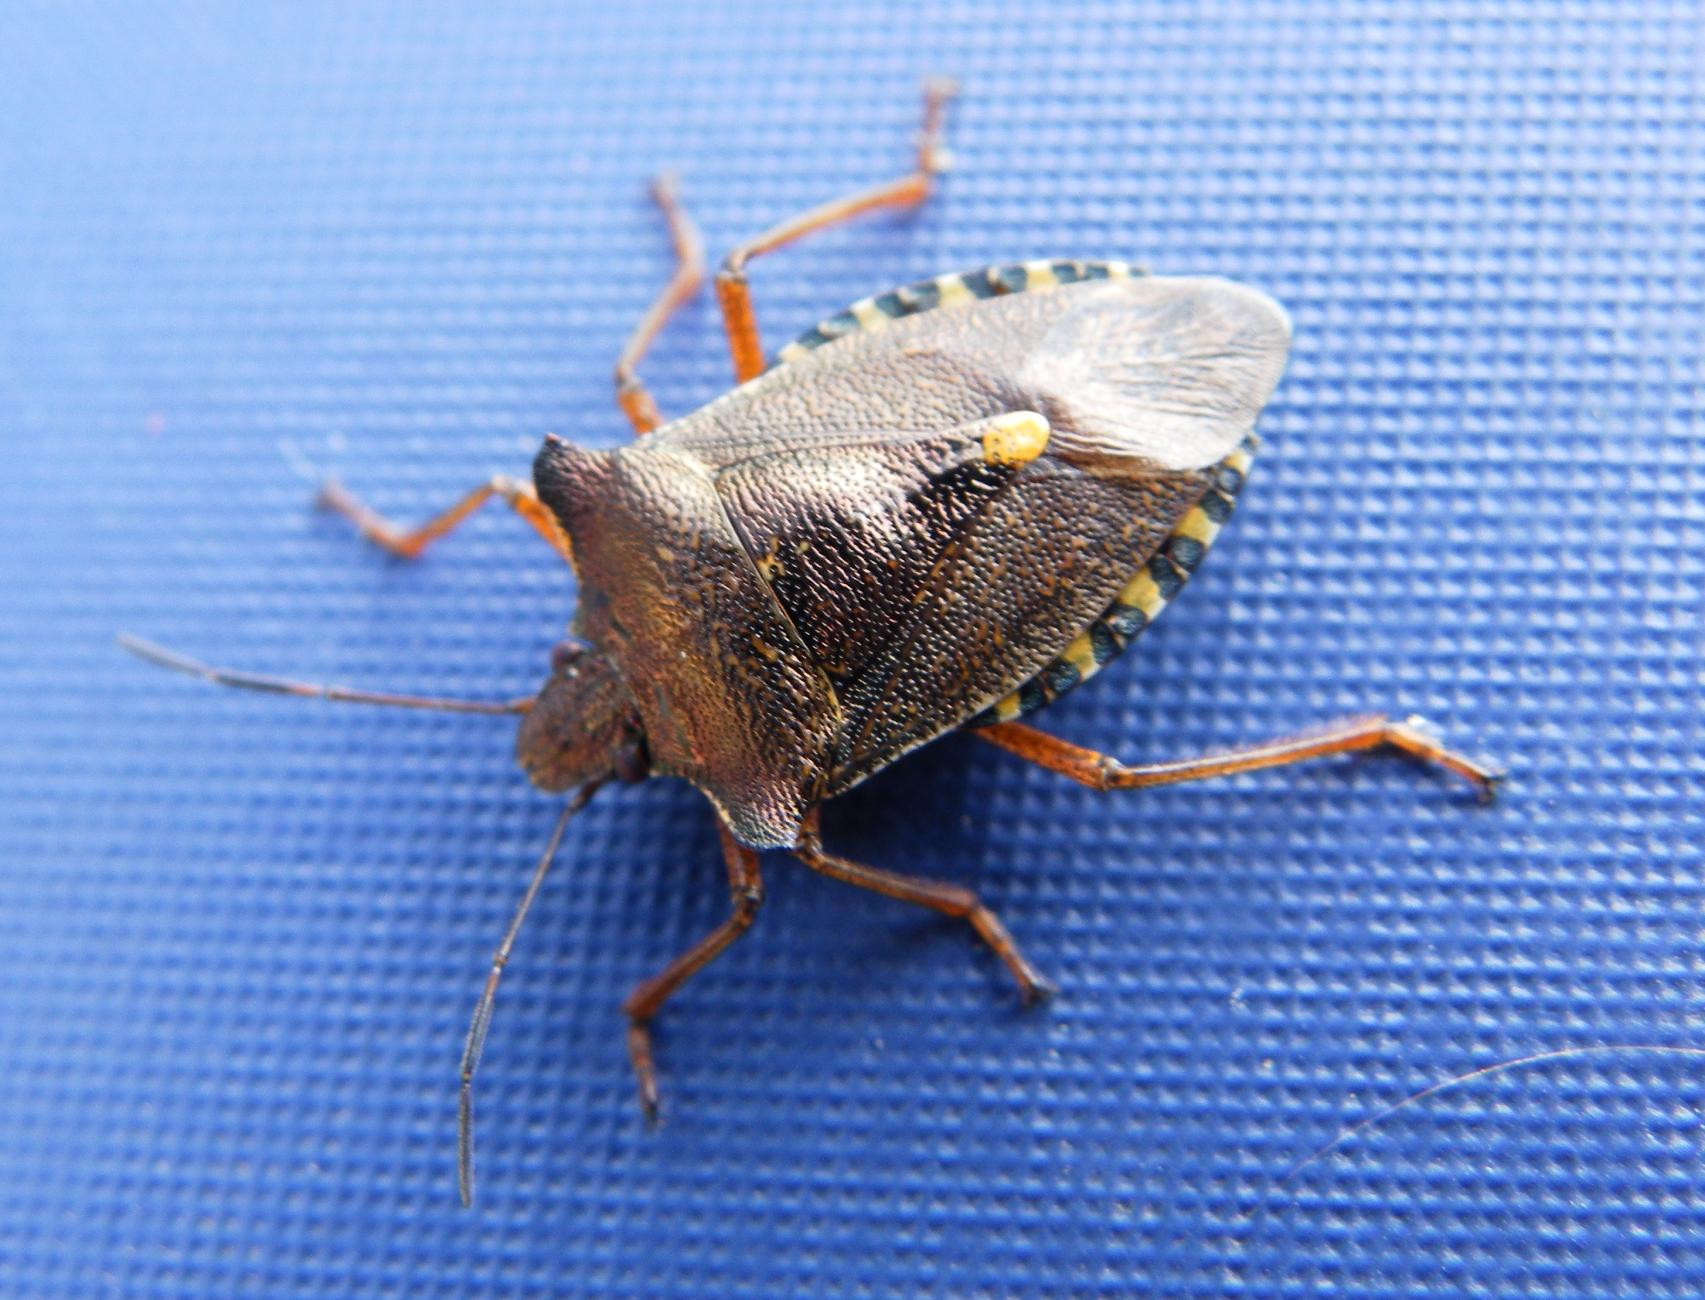 Egyptian Bug